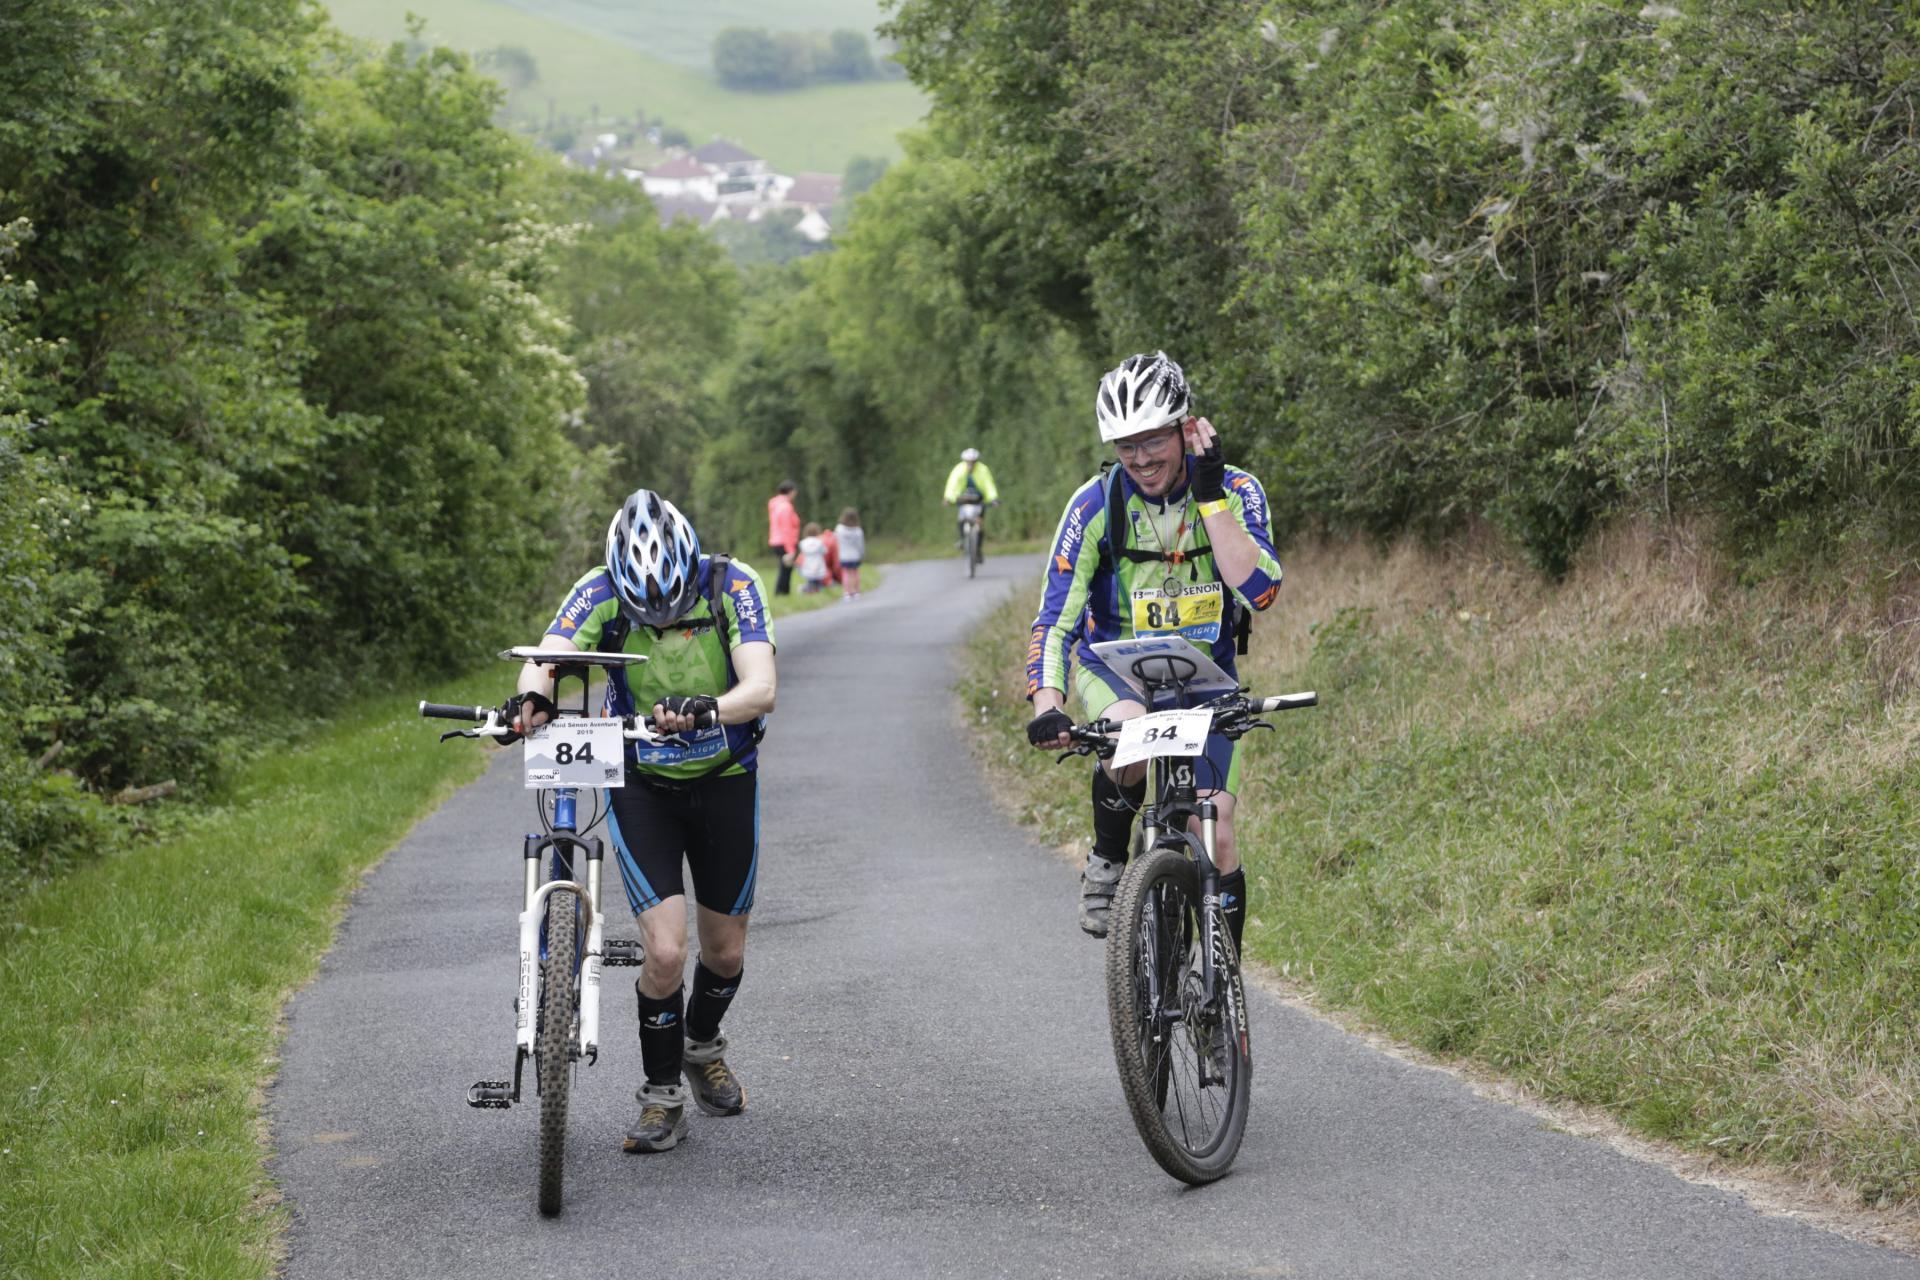 Jean-Marie et Thomas dernière montée avant l'arrivée